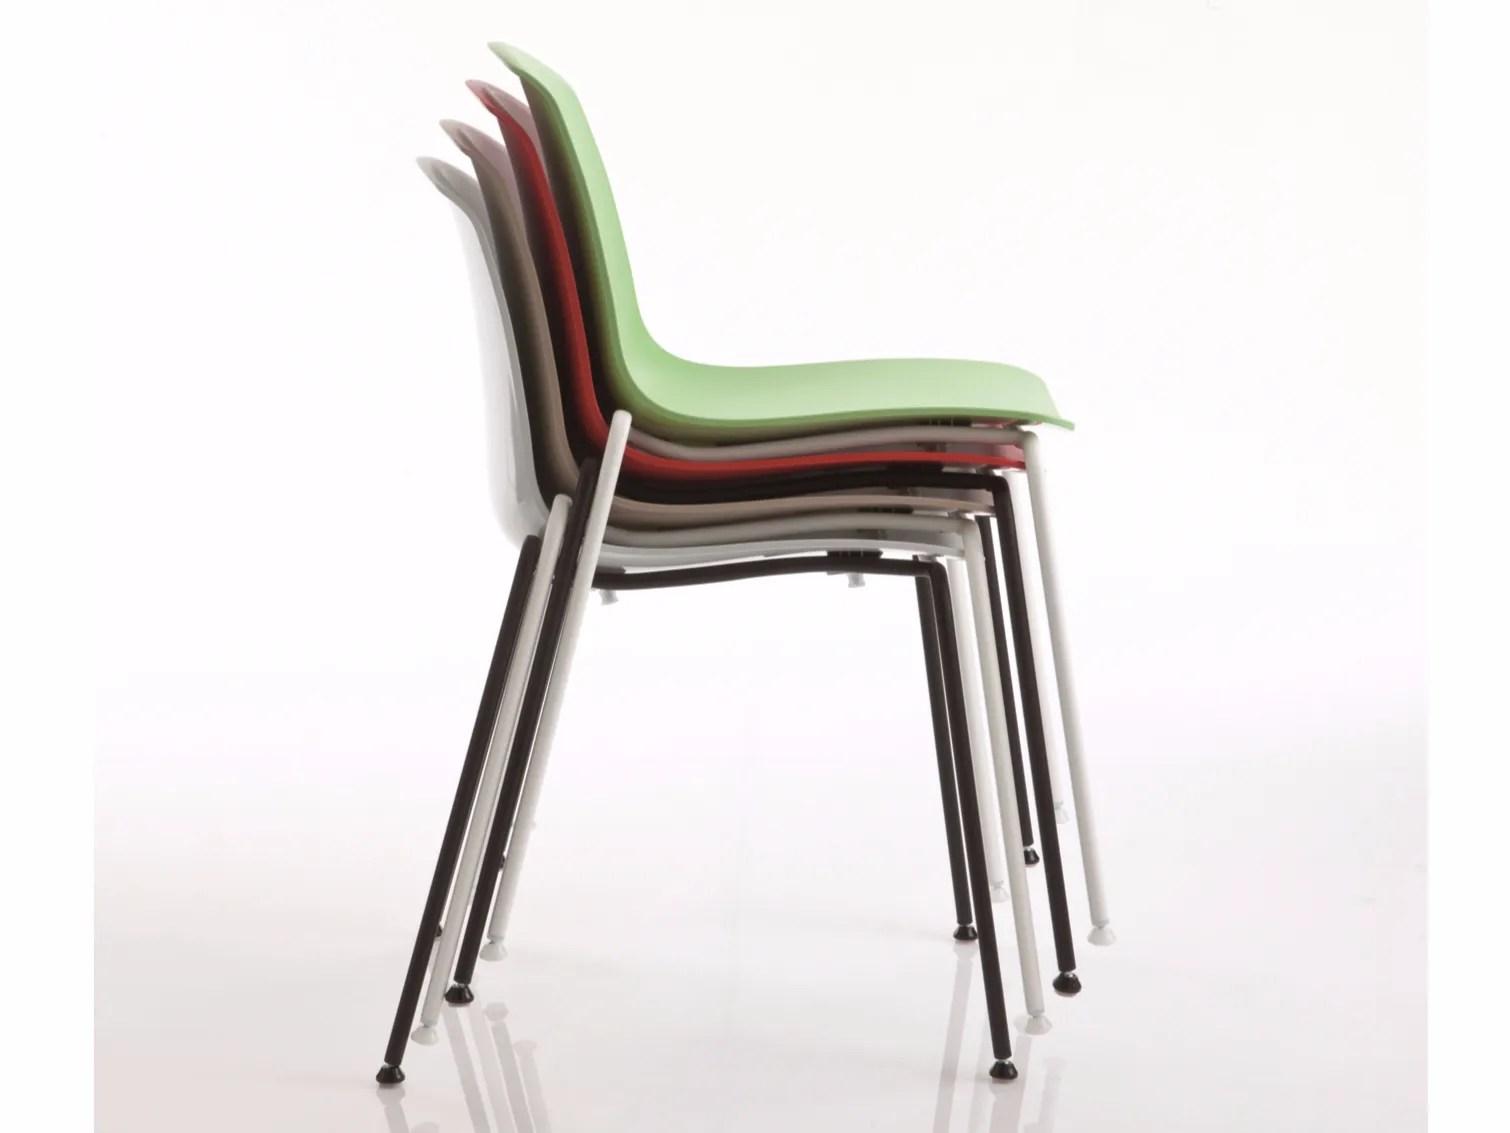 Sedie Depoca : Sedie d epoca prezzo soggiorno completo con sedie modello